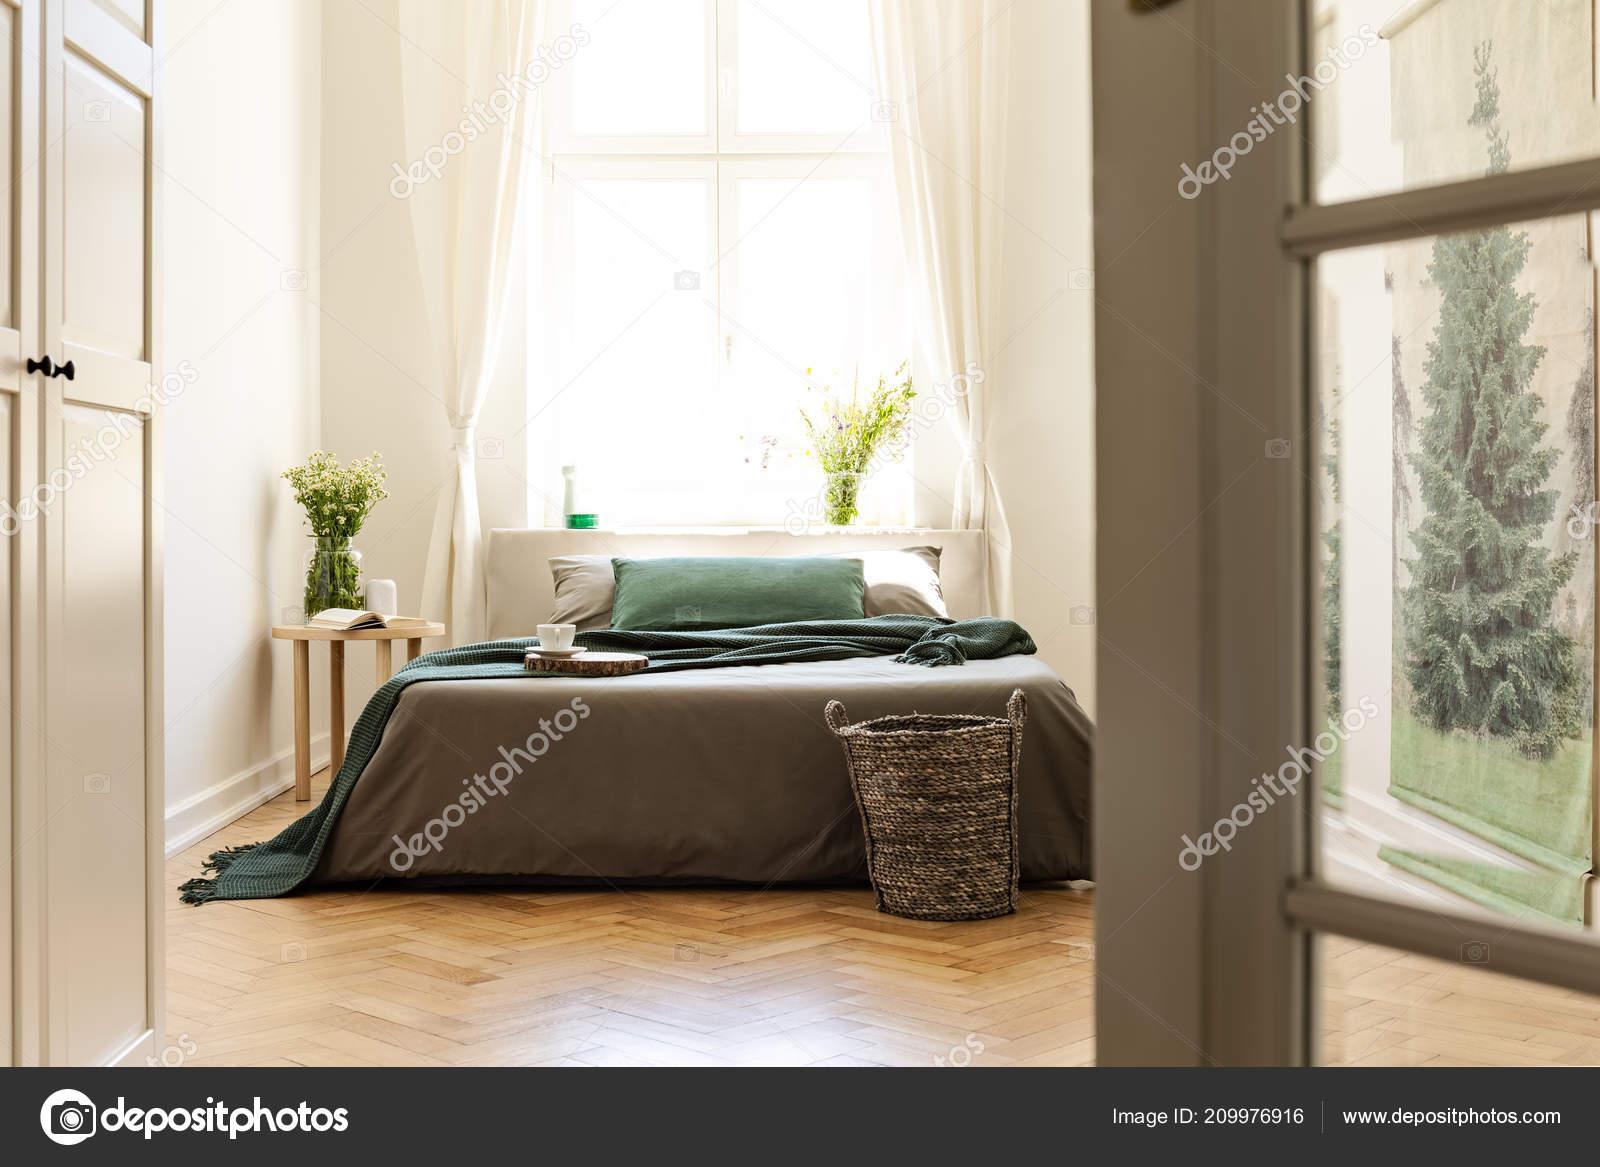 Couverture Verte Sur Lit Gris Intérieur Chambre Minimum Avec ...